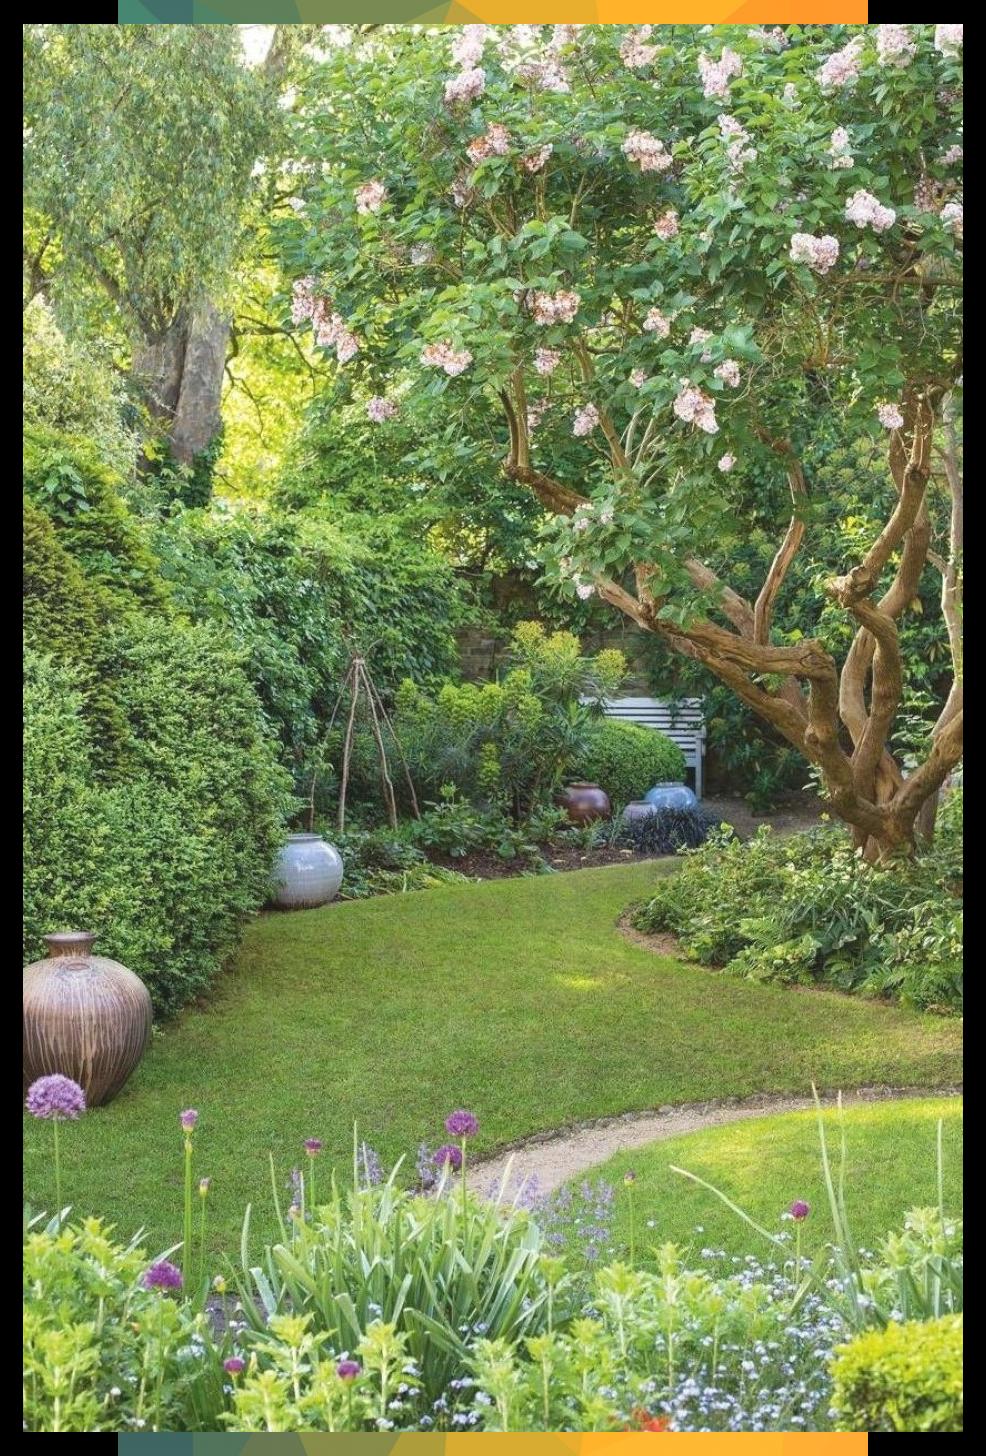 Kleiner Garten Machen Sie Das Beste Aus Ihren Lieblingsecken Garten Inspi In 2020 Small Garden Design Small Gardens Front Yard Landscaping